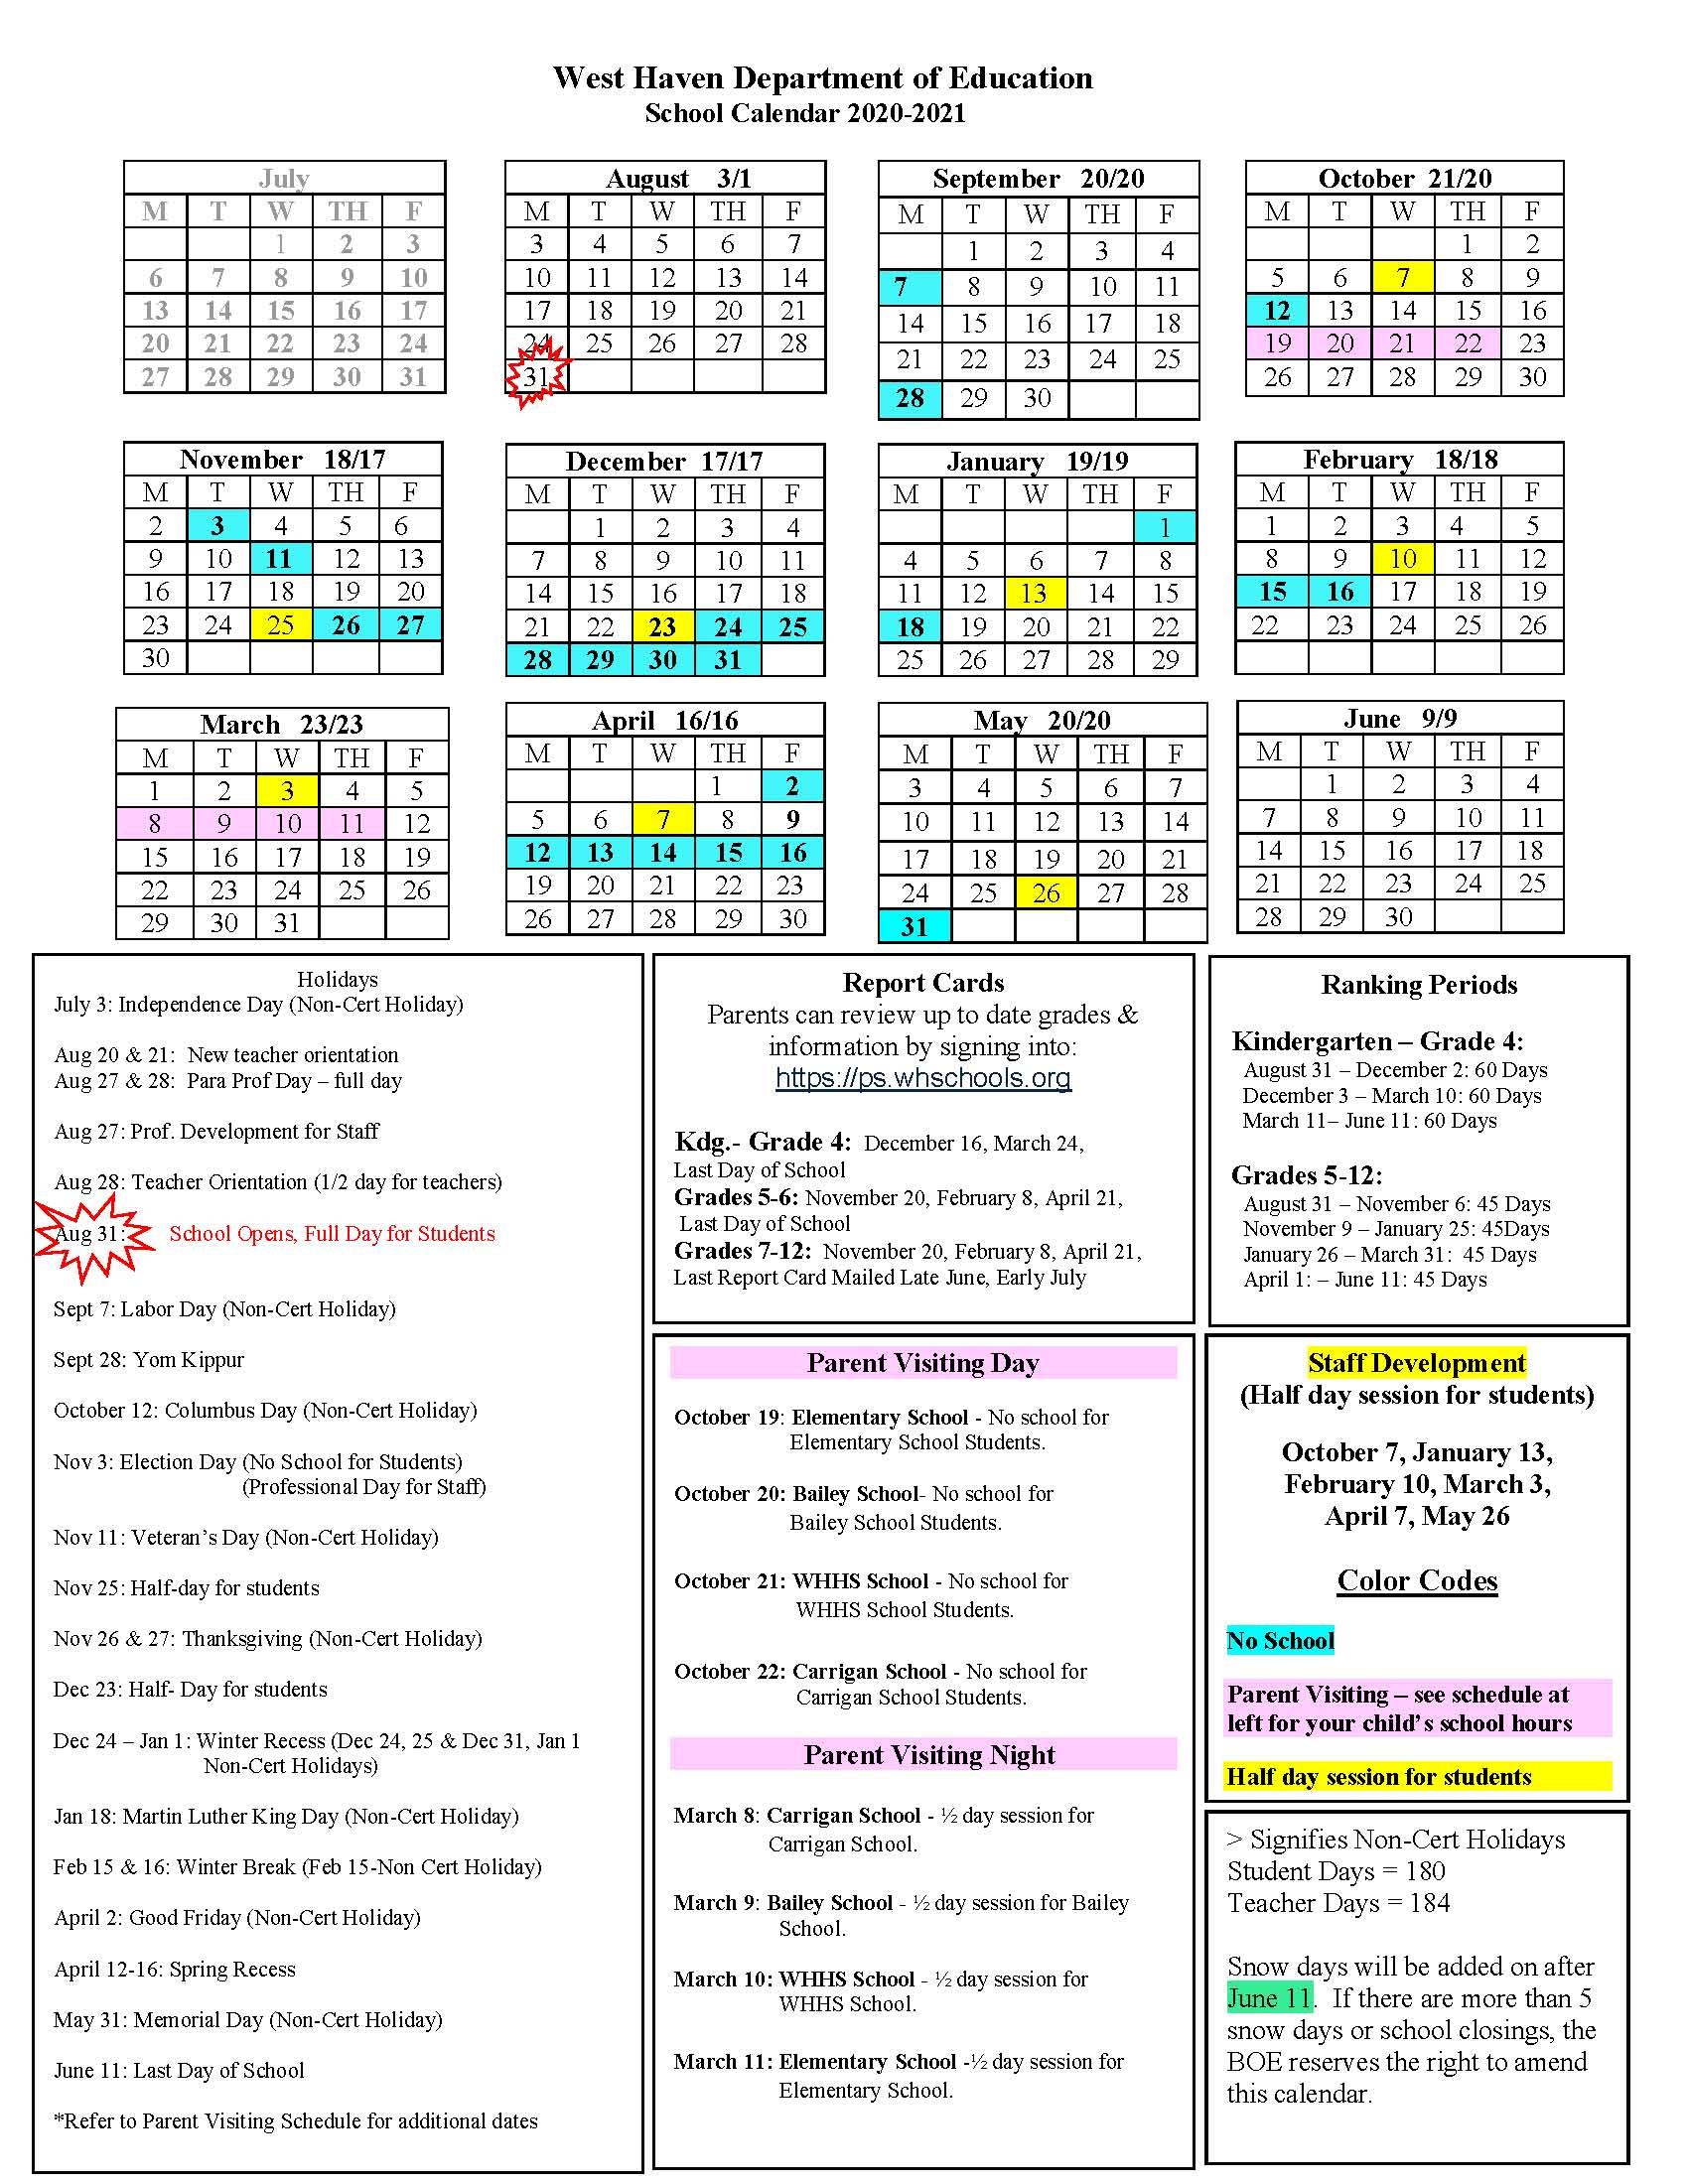 William And Mary 2021 20 Calendar | Printable Calendar In Academic Calendar 2021 20 Chamberlain